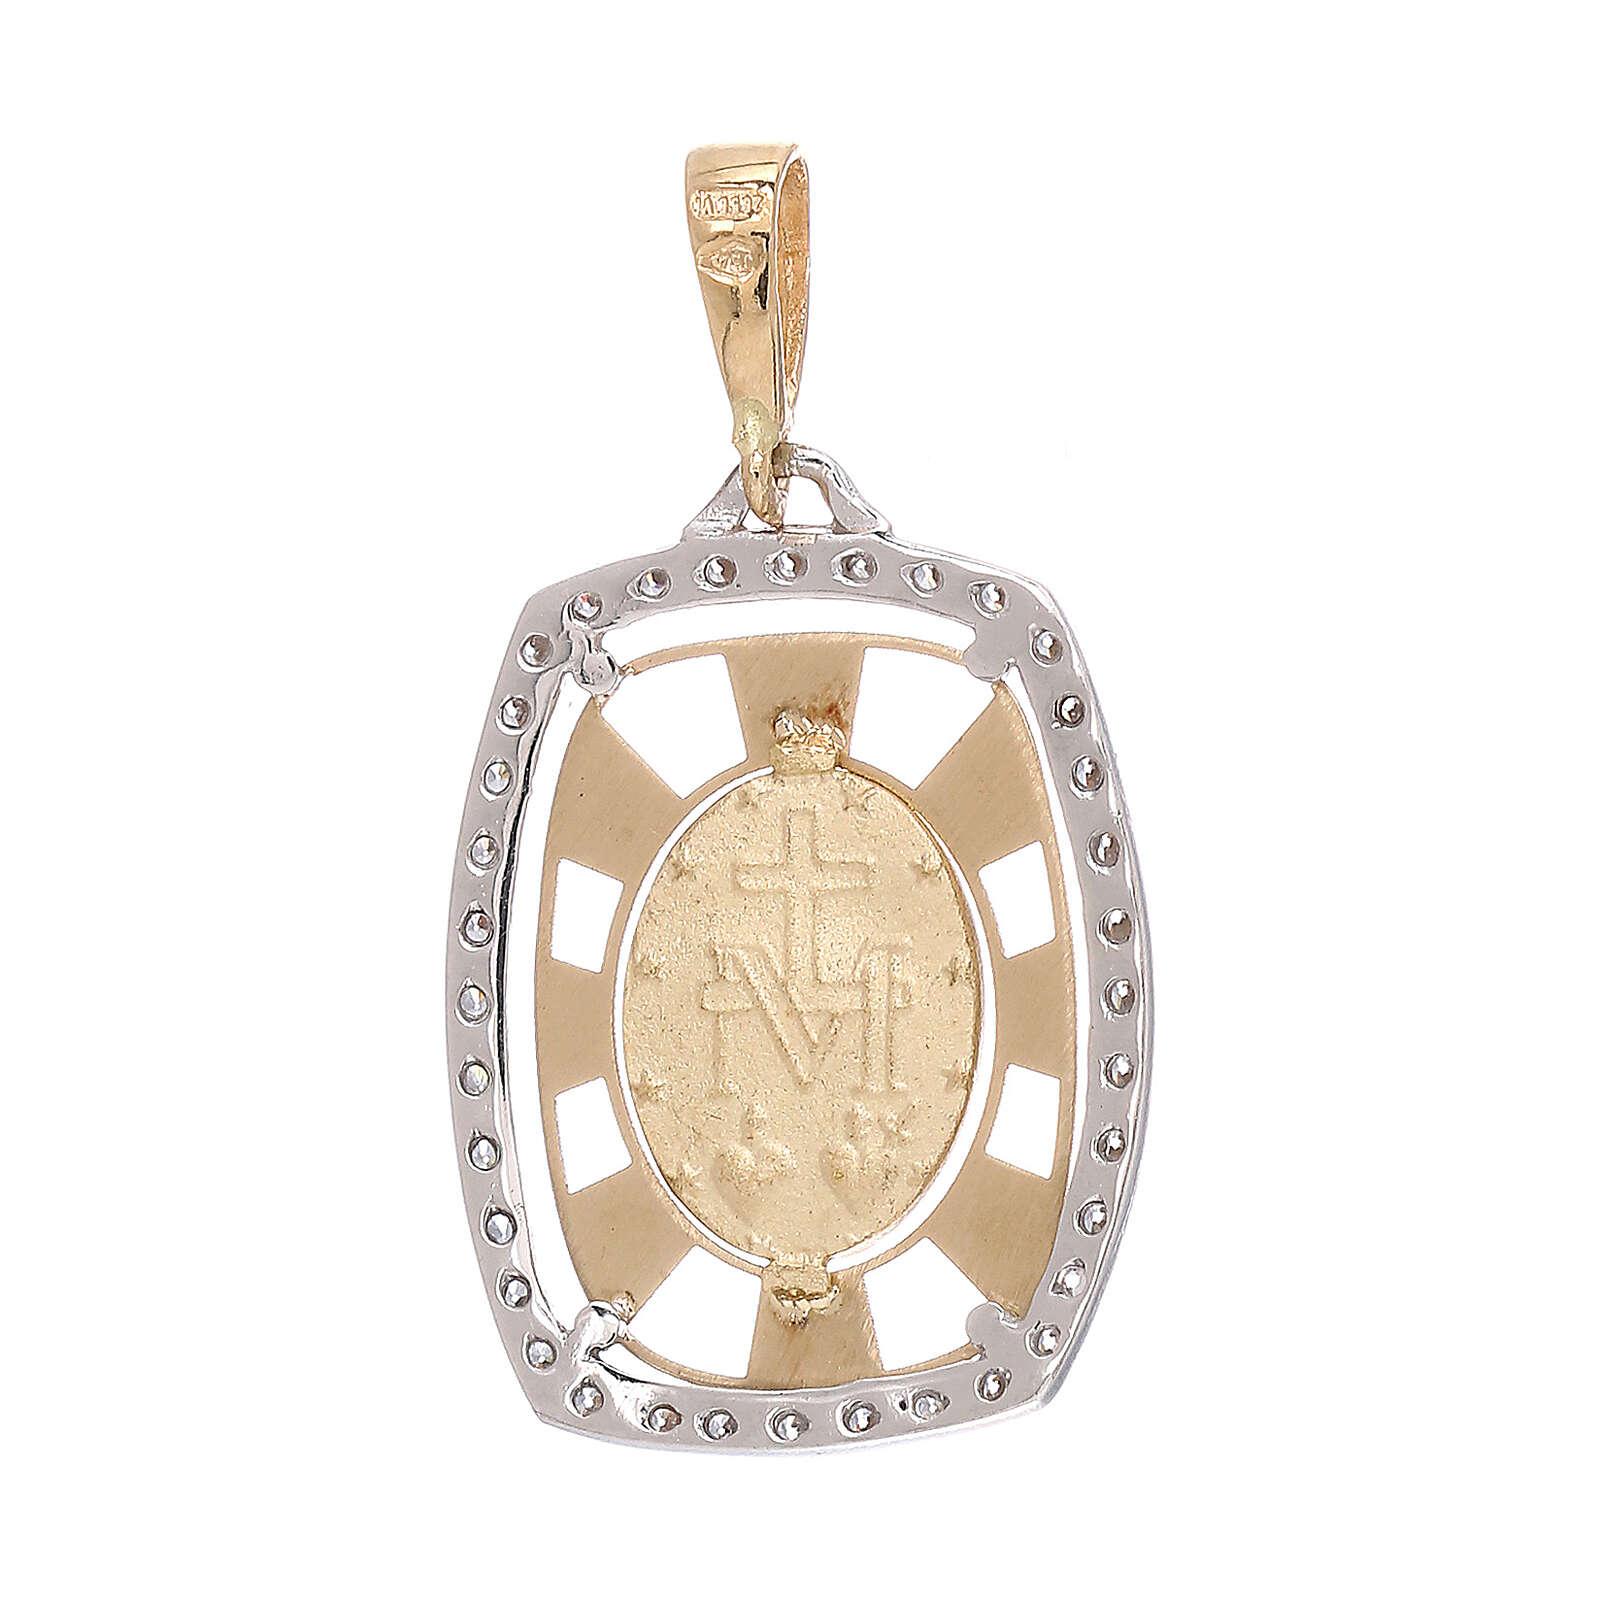 Colgante escuadrado Medalla Milagrosa oro 750/00 zircones 2,1 gramos 4